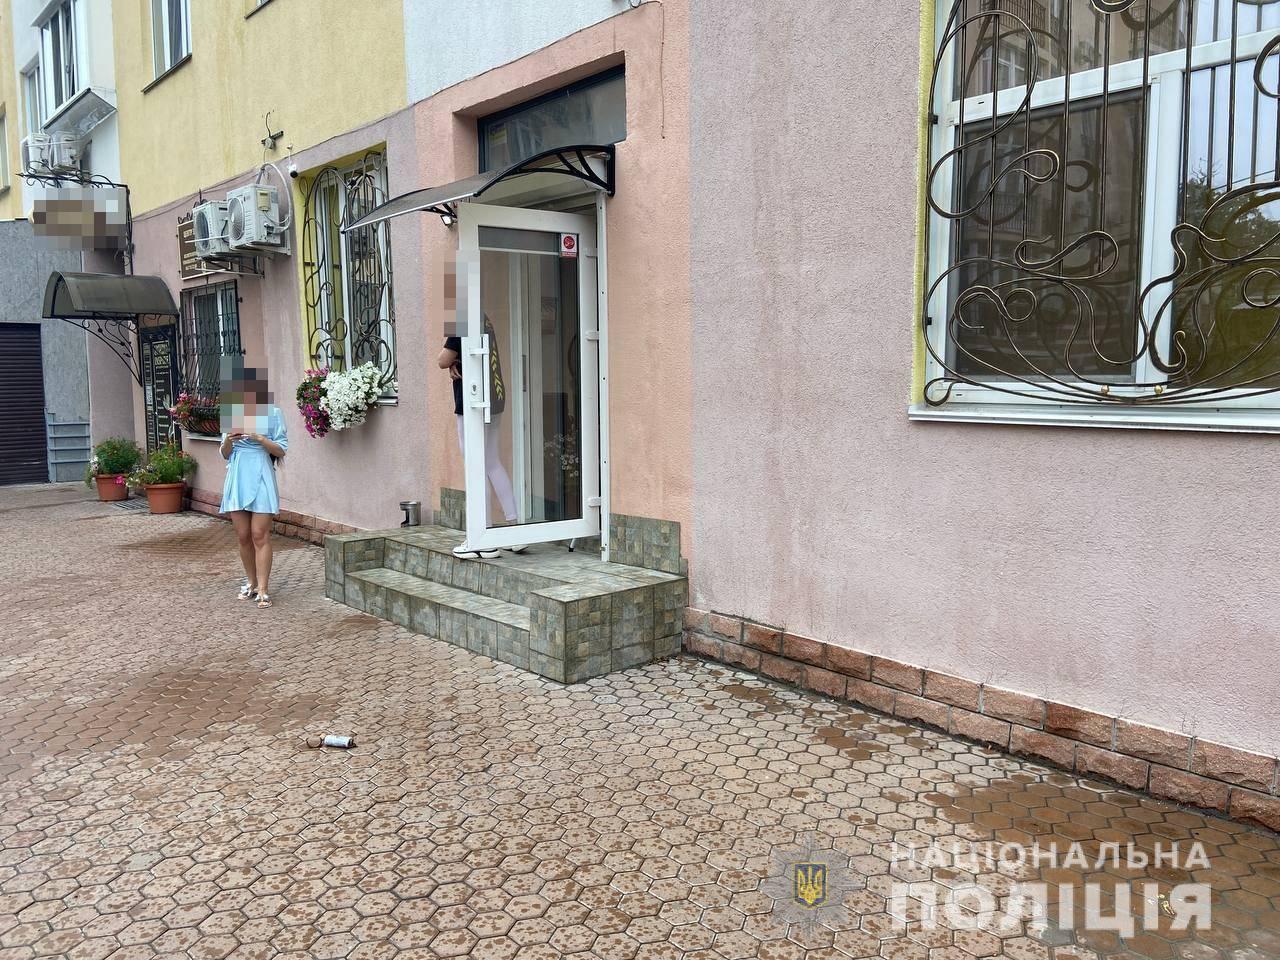 Новини Києва: затримали чоловіка, який погрожував вбивством колишній дівчині